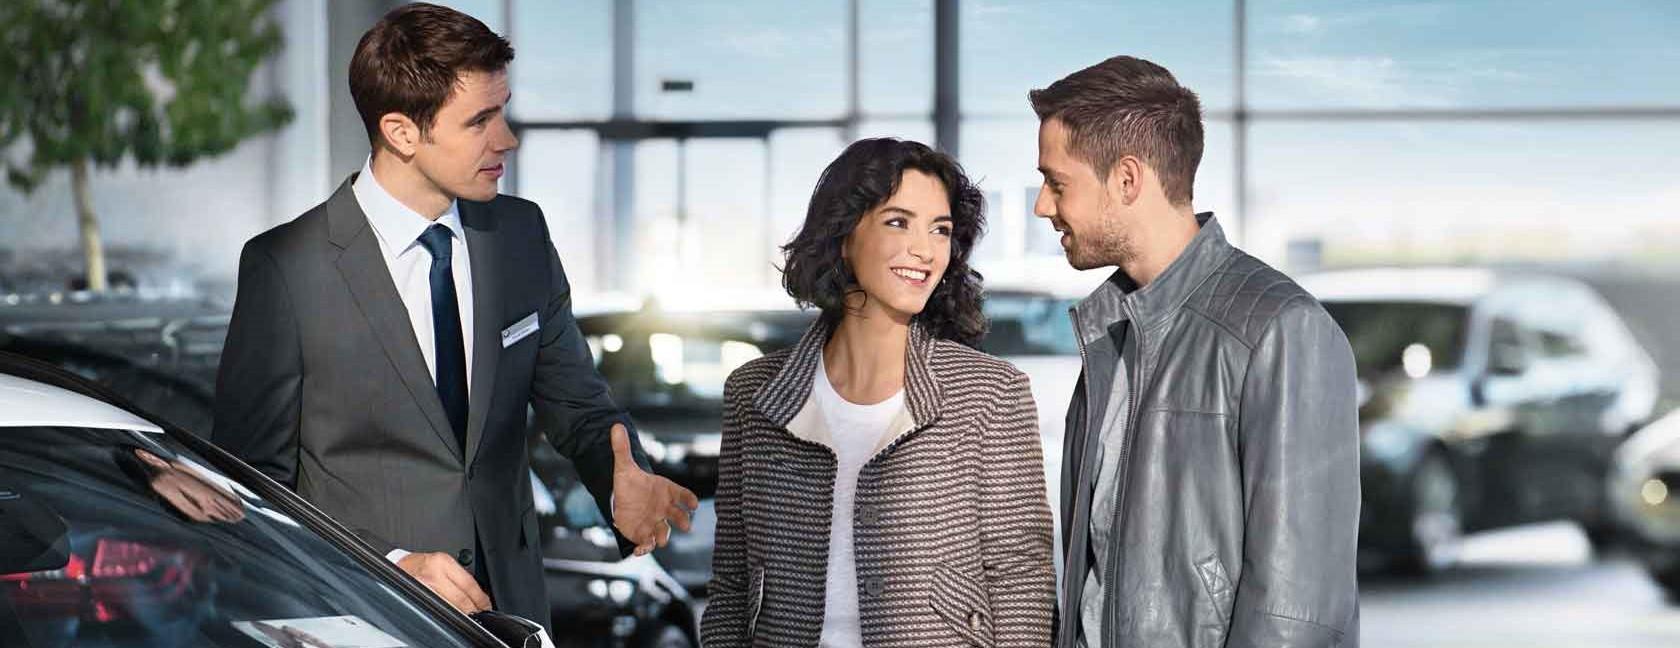 Mann erklärt das BMW Abo einem jungen Paar.